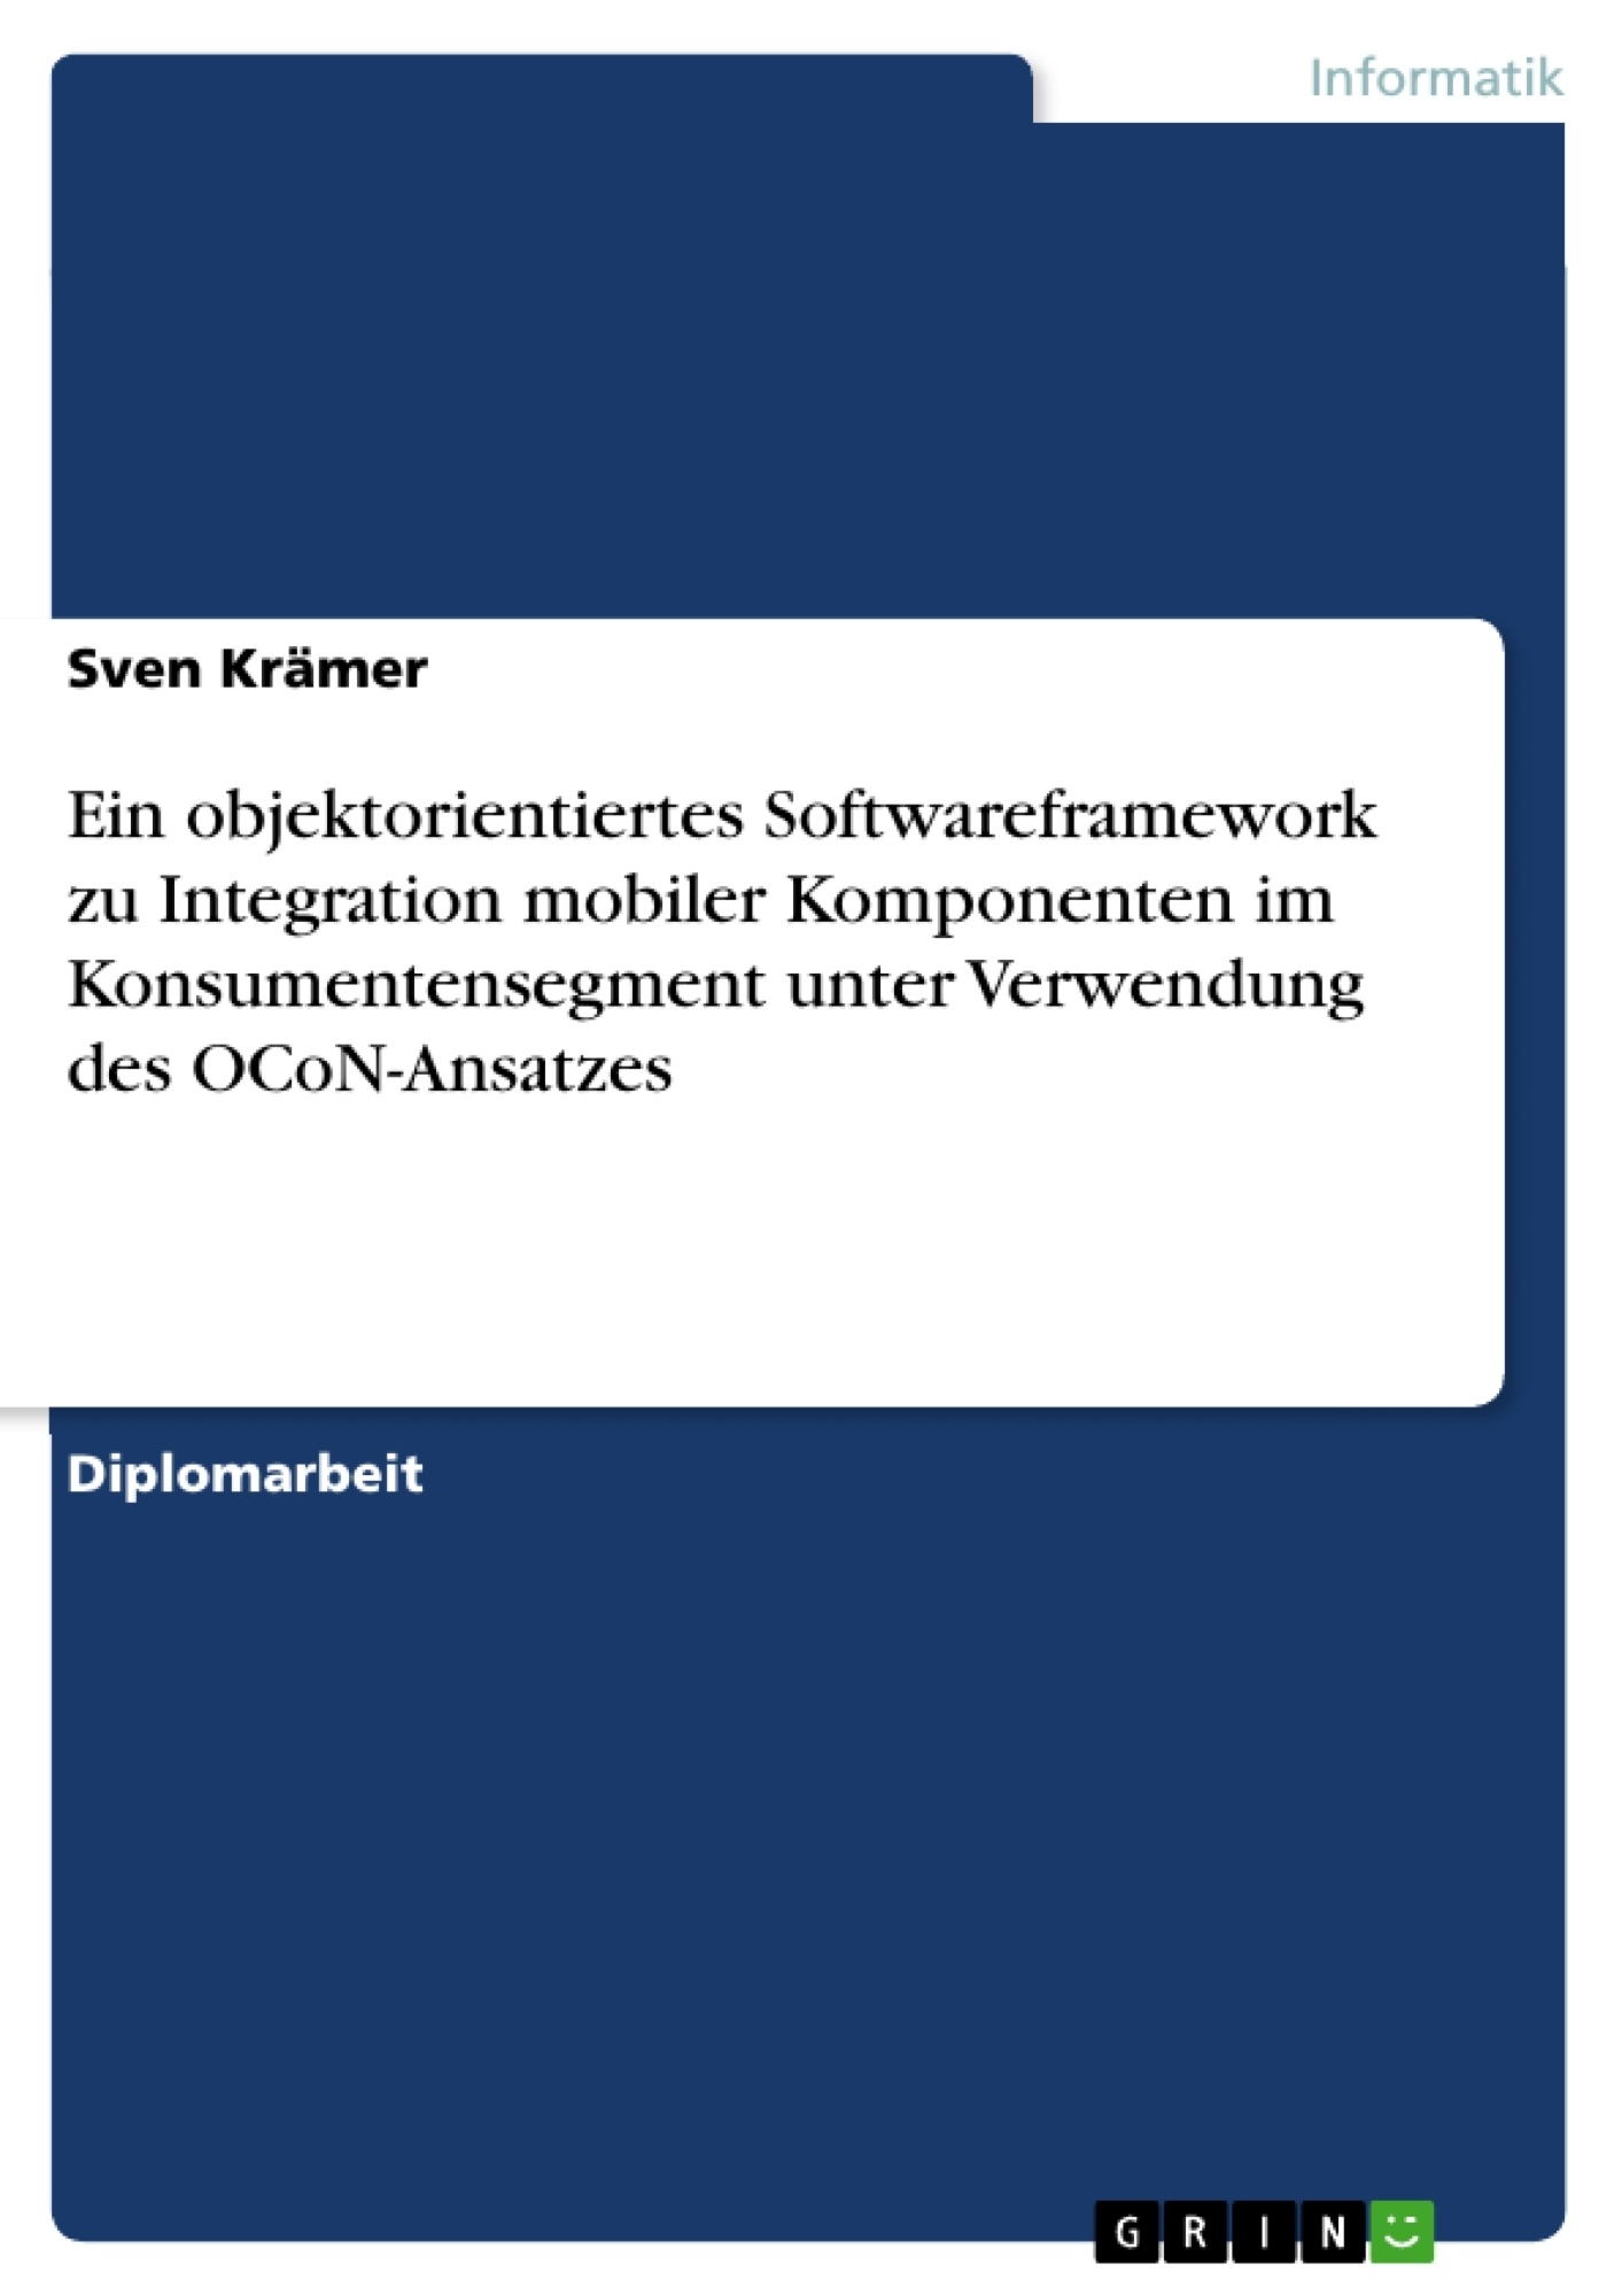 Titel: Ein objektorientiertes Softwareframework zu Integration mobiler Komponenten im Konsumentensegment unter Verwendung des OCoN-Ansatzes